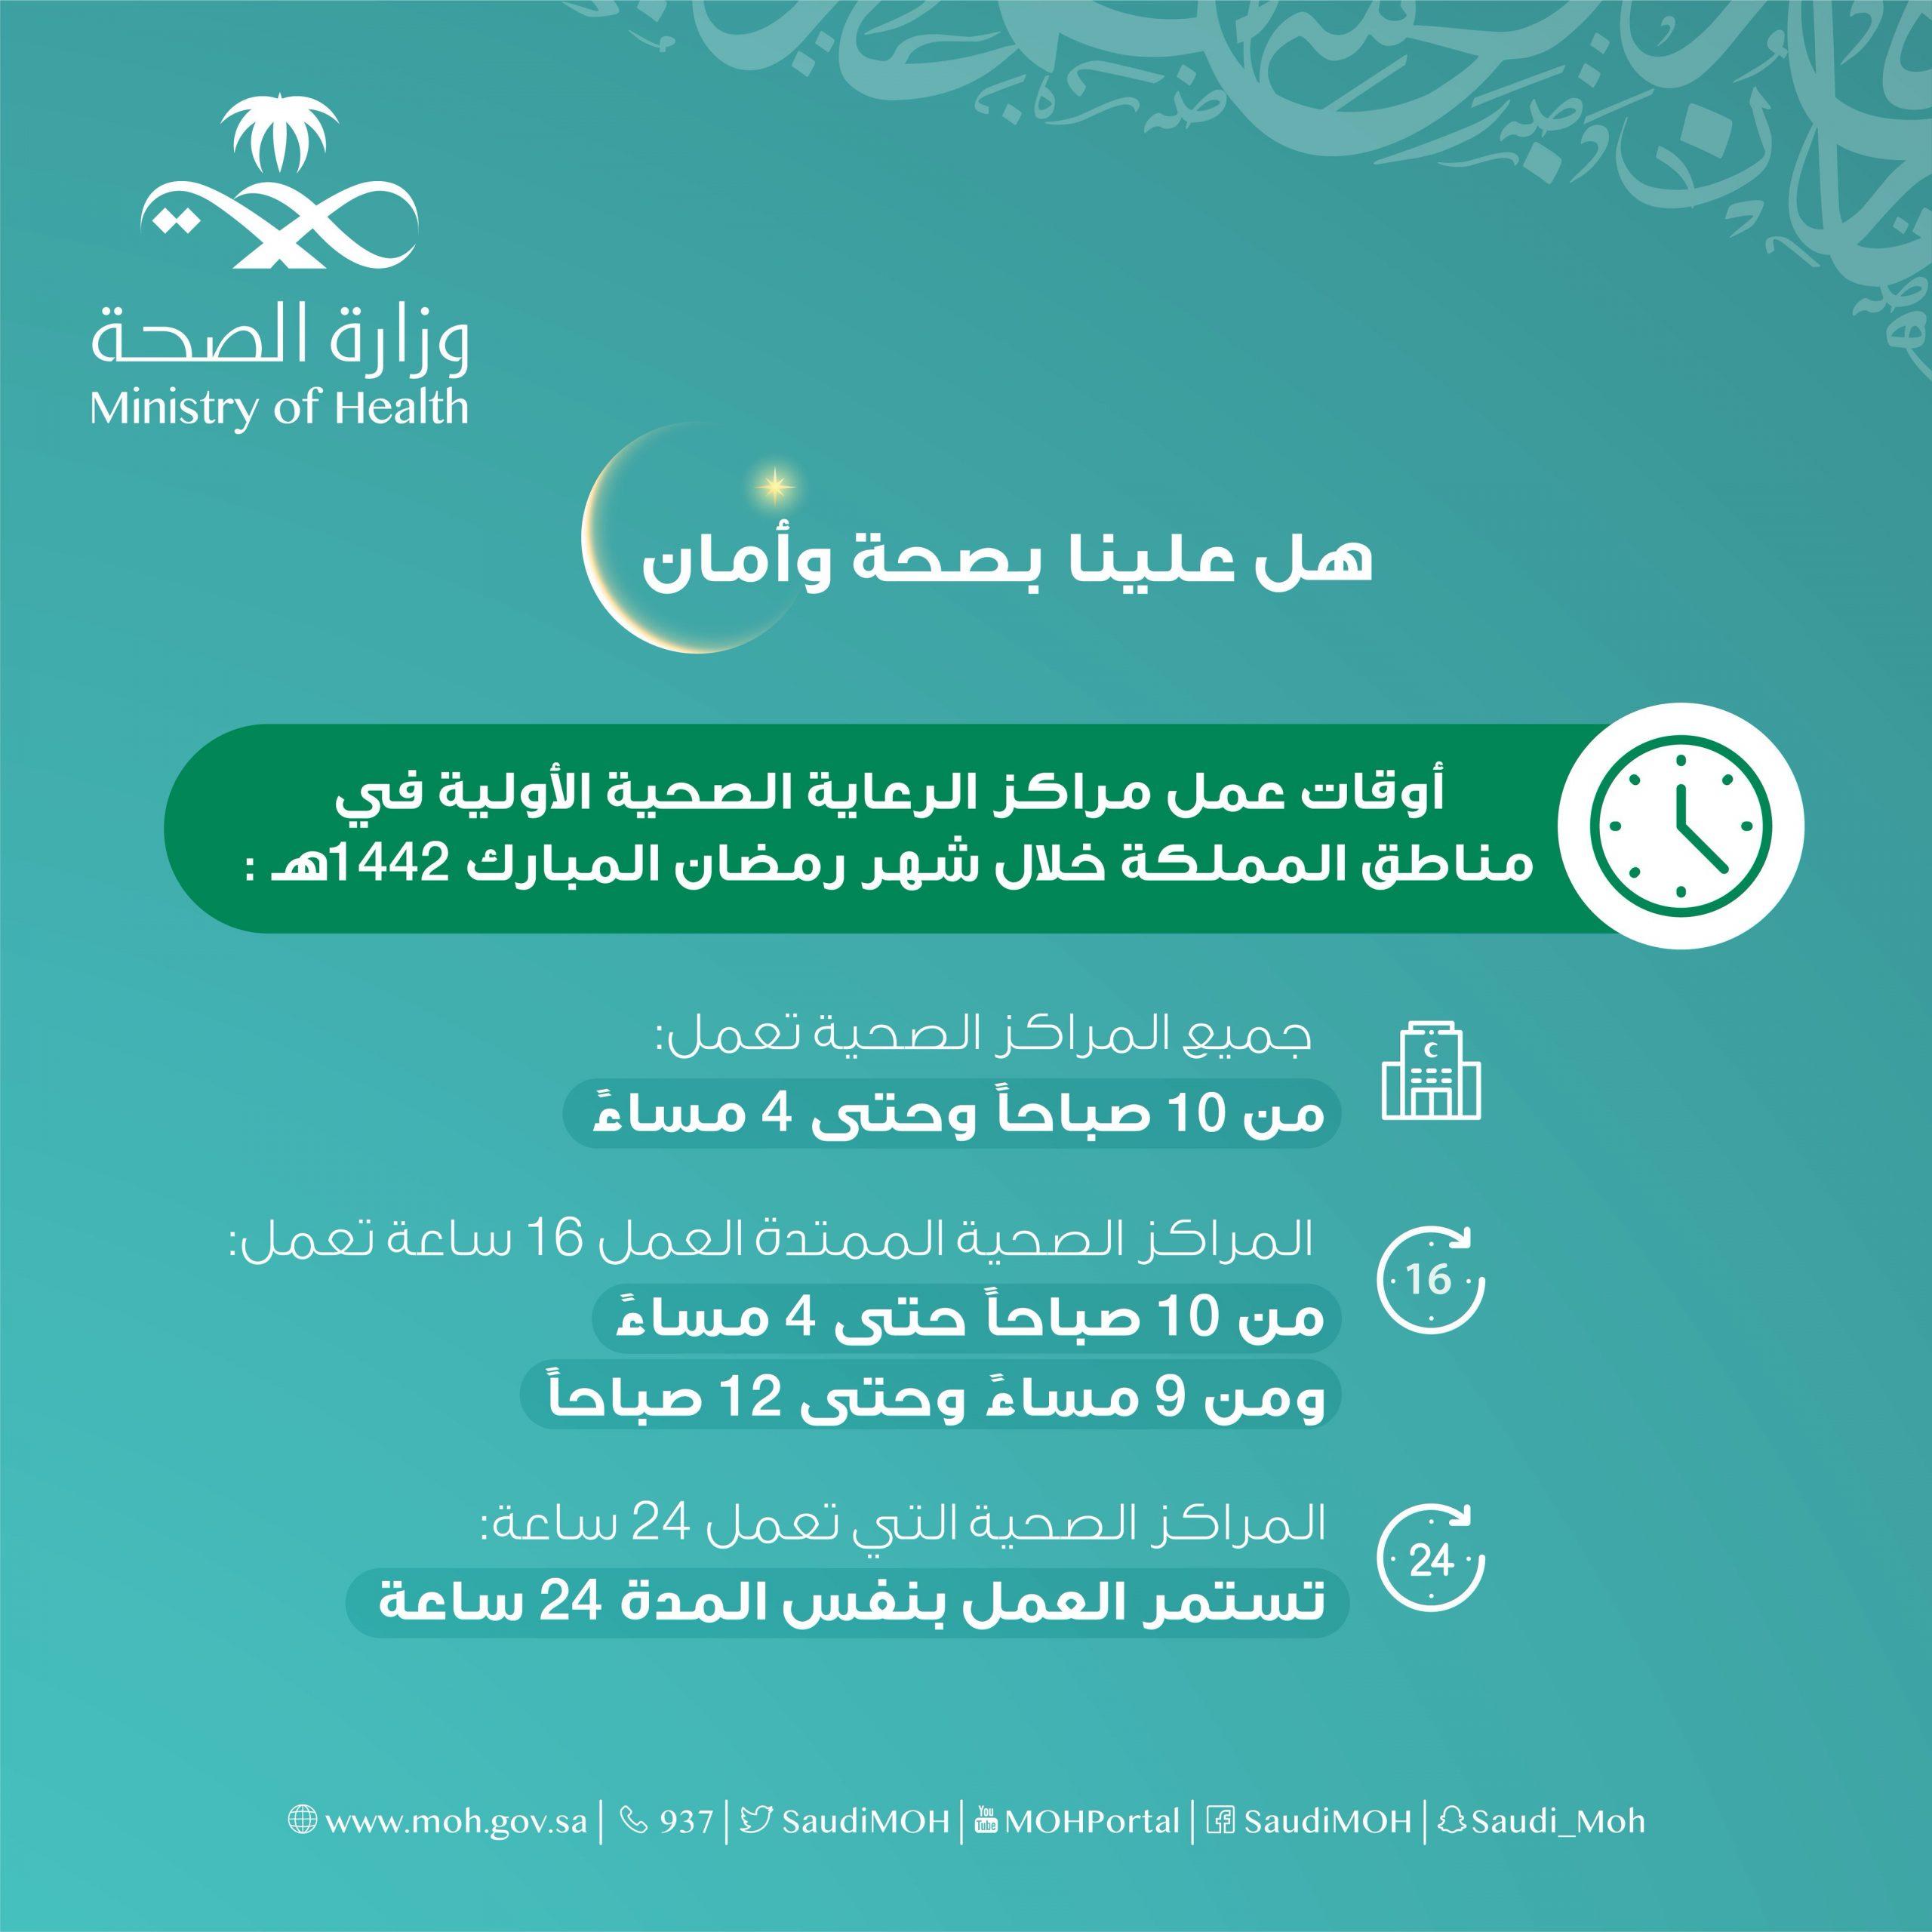 اوقات دوام المراكز الصحية في رمضان 1442 مواعيد عمل المركز الصحي برمضان 2021 الموقع المثالي